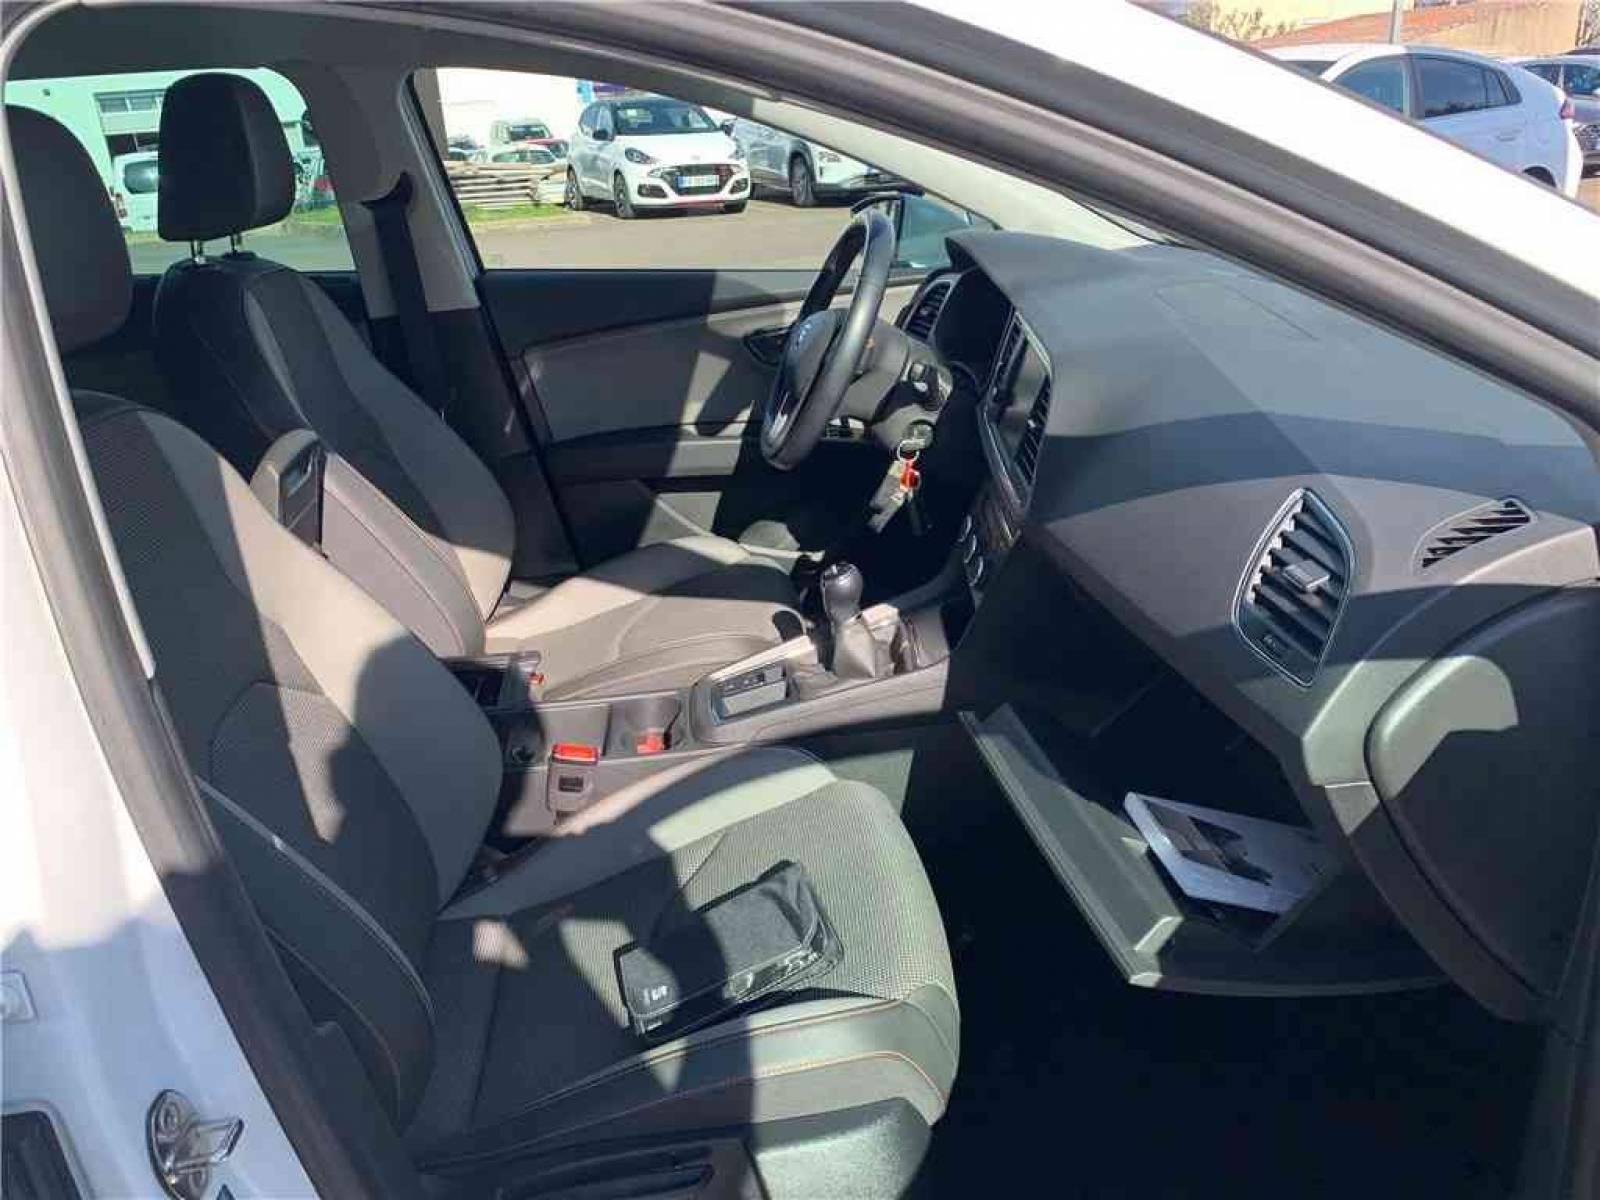 SEAT Leon X-Perience 2.0 TDI S/S 150 ch 4Drive - véhicule d'occasion - Groupe Guillet - Opel Magicauto - Montceau-les-Mines - 71300 - Montceau-les-Mines - 41